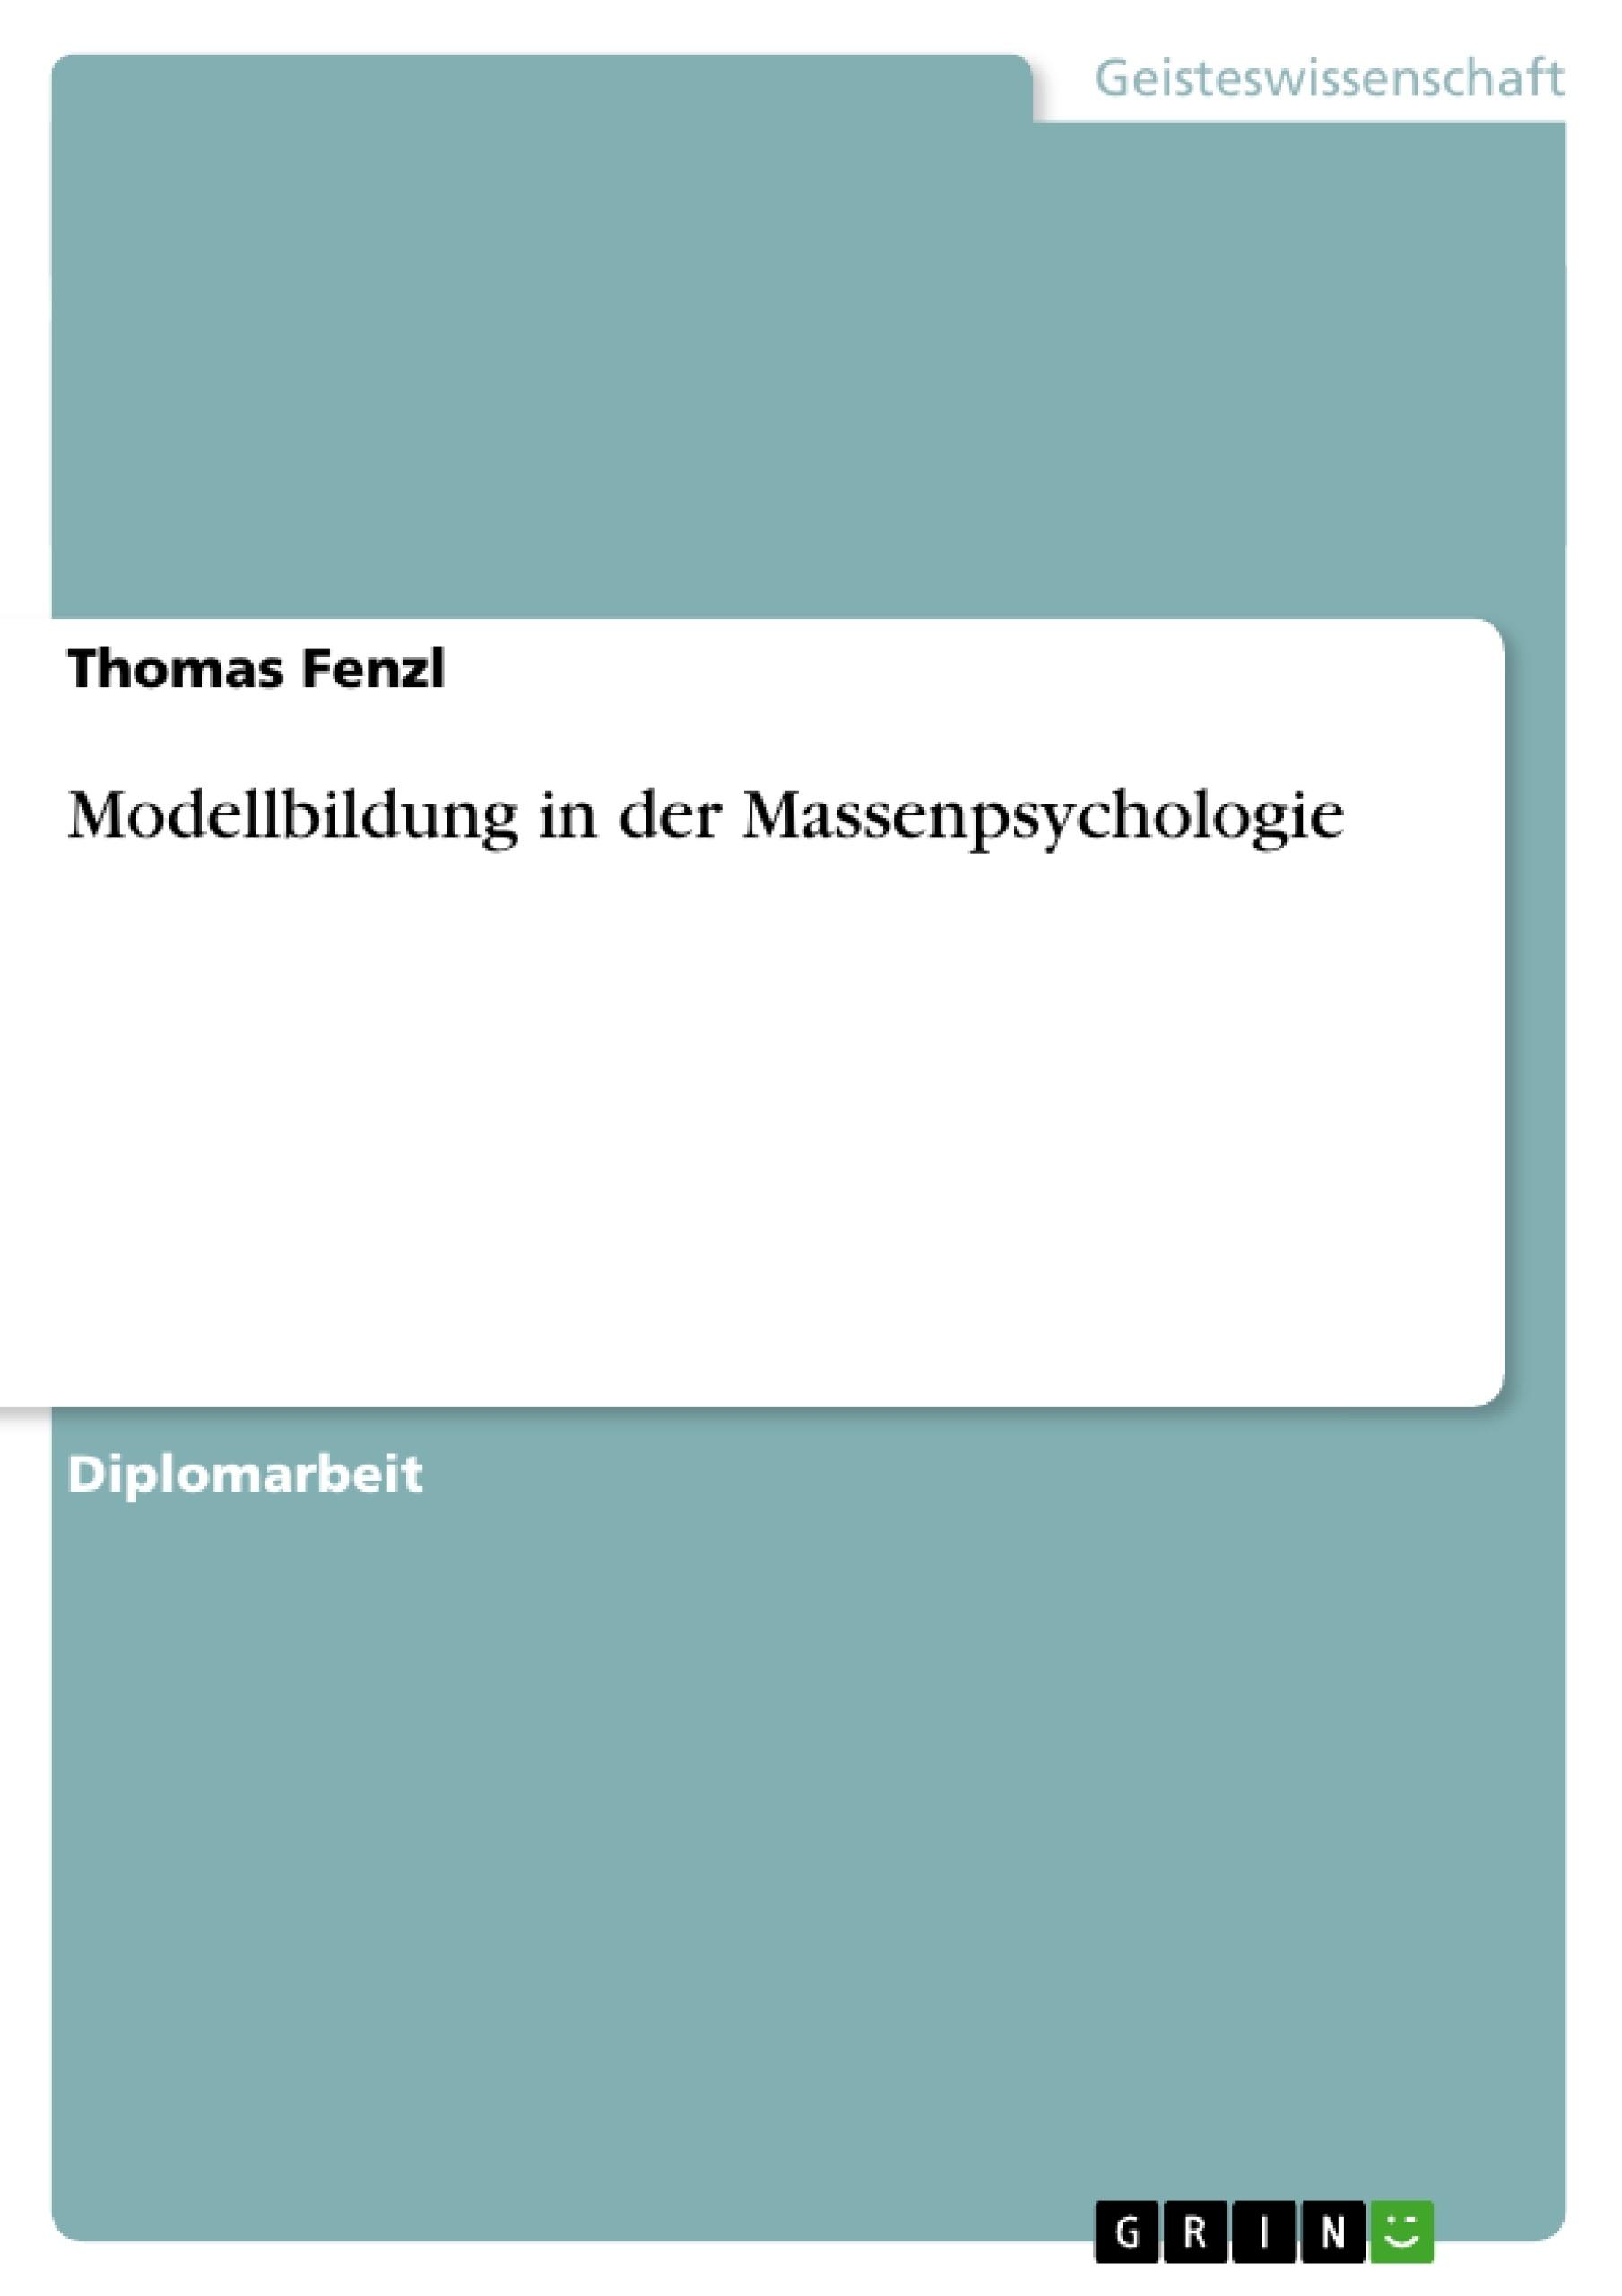 Titel: Modellbildung in der Massenpsychologie